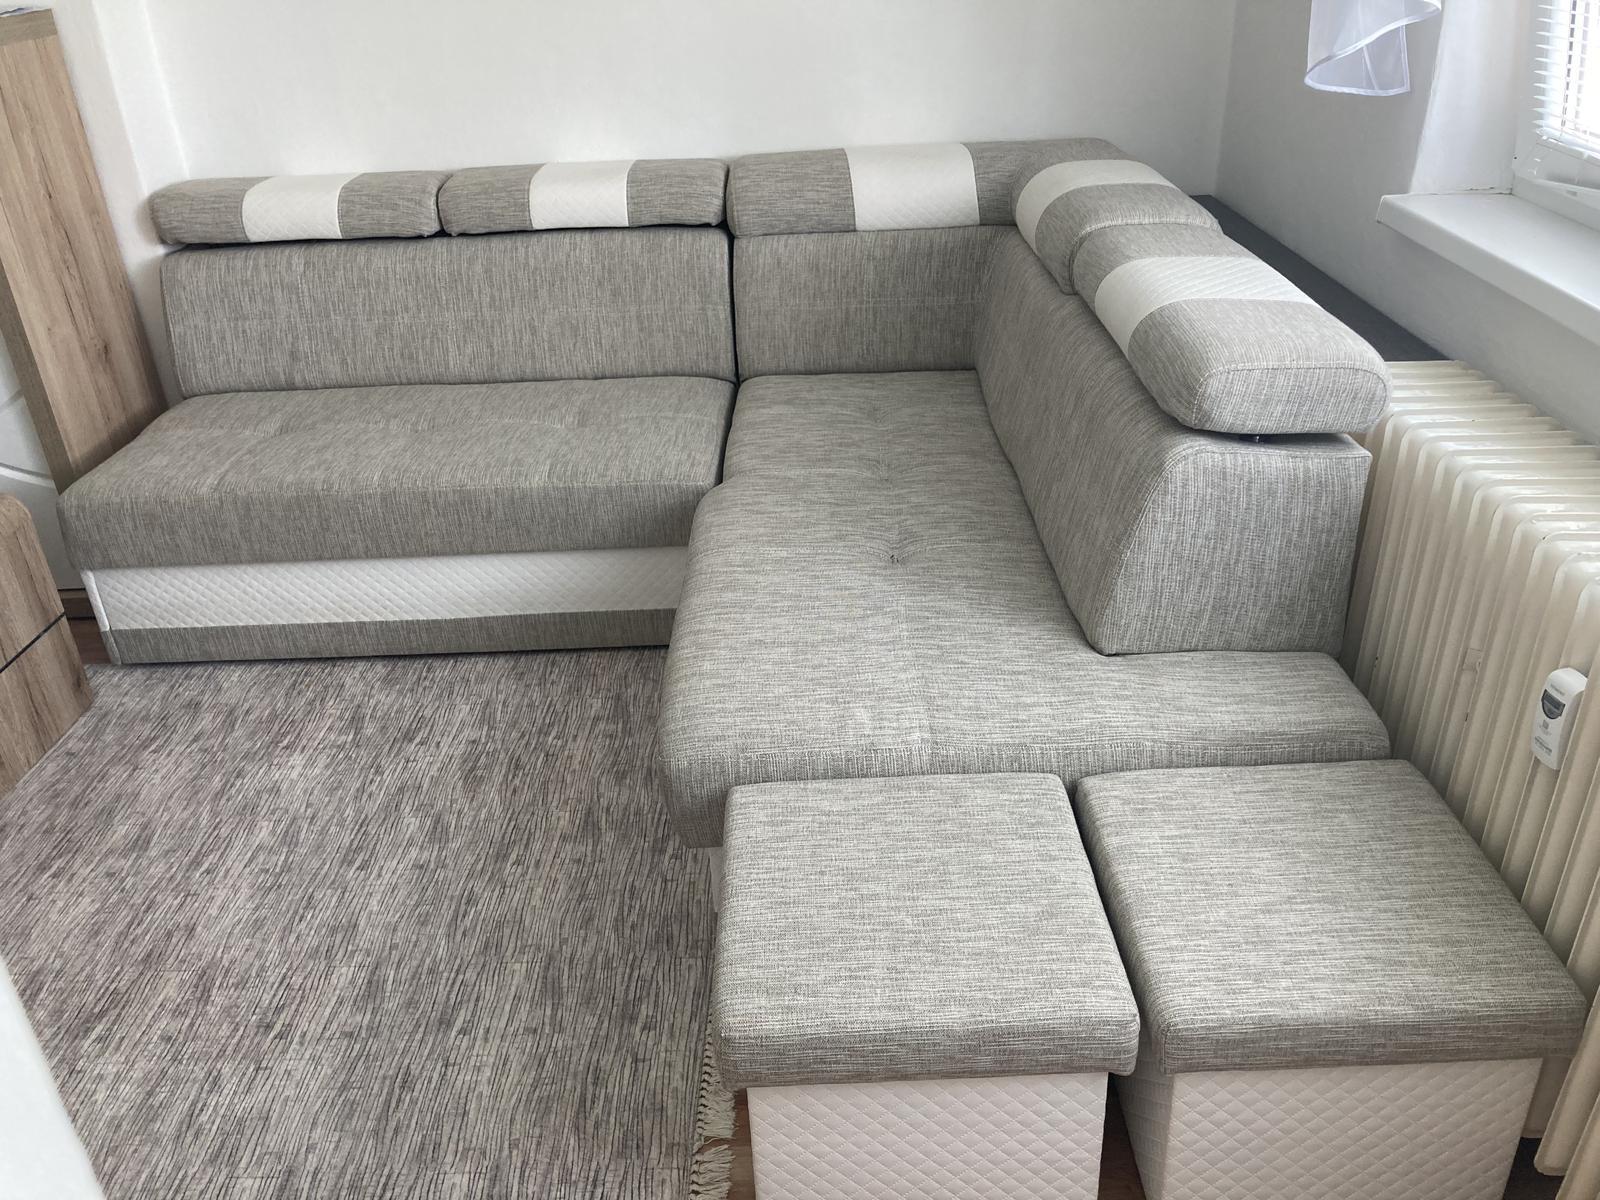 Rozkladací gauč s úložným priestorom a taburetky - Obrázok č. 1